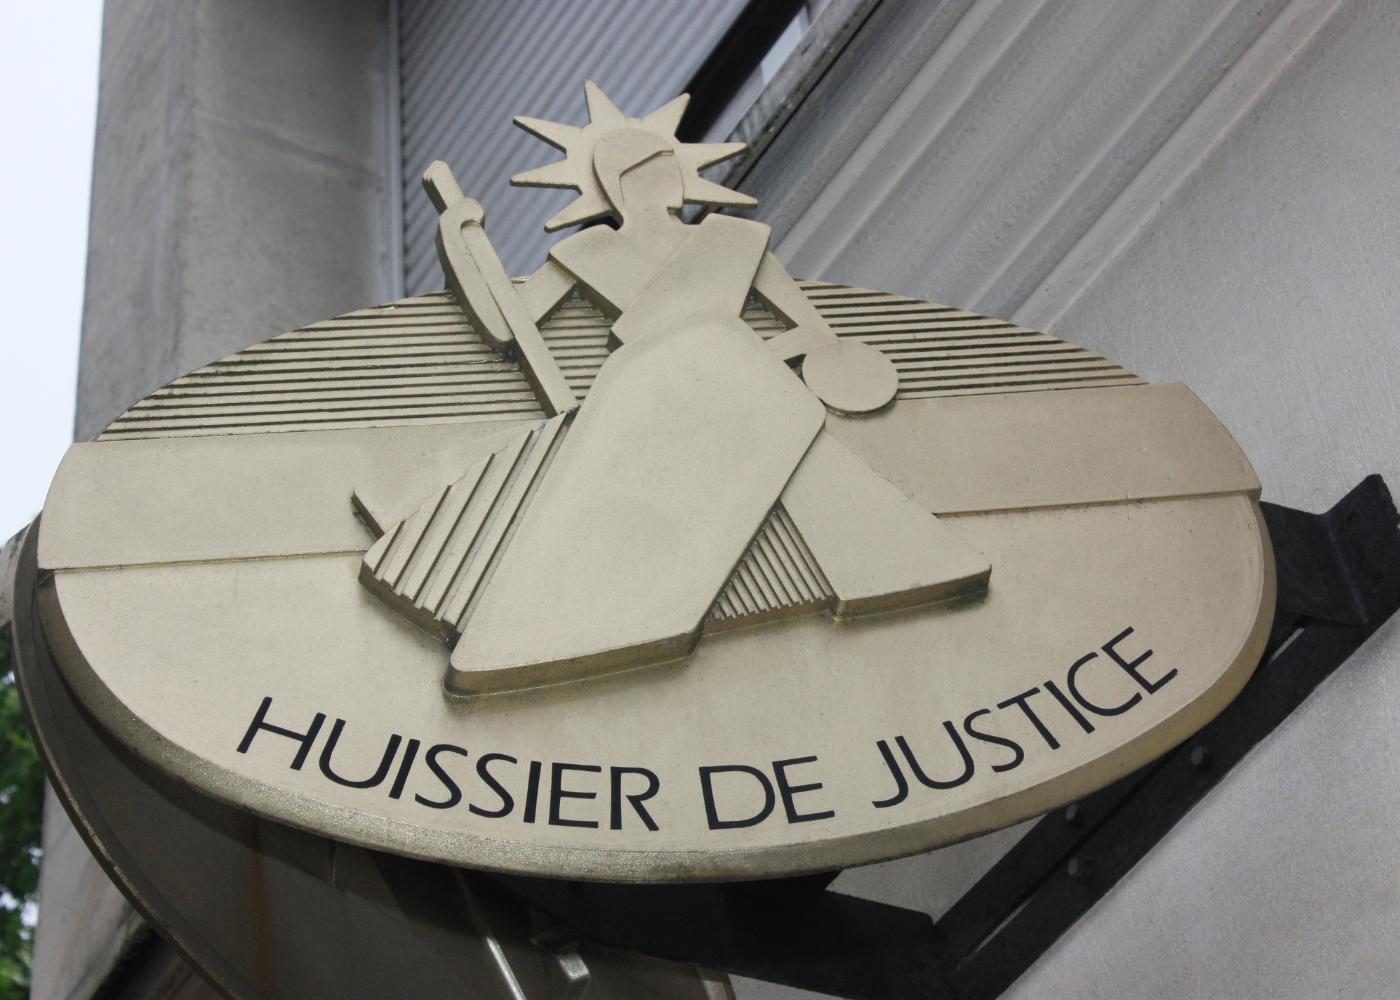 Marché public et Huissiers de Justice – AO & You